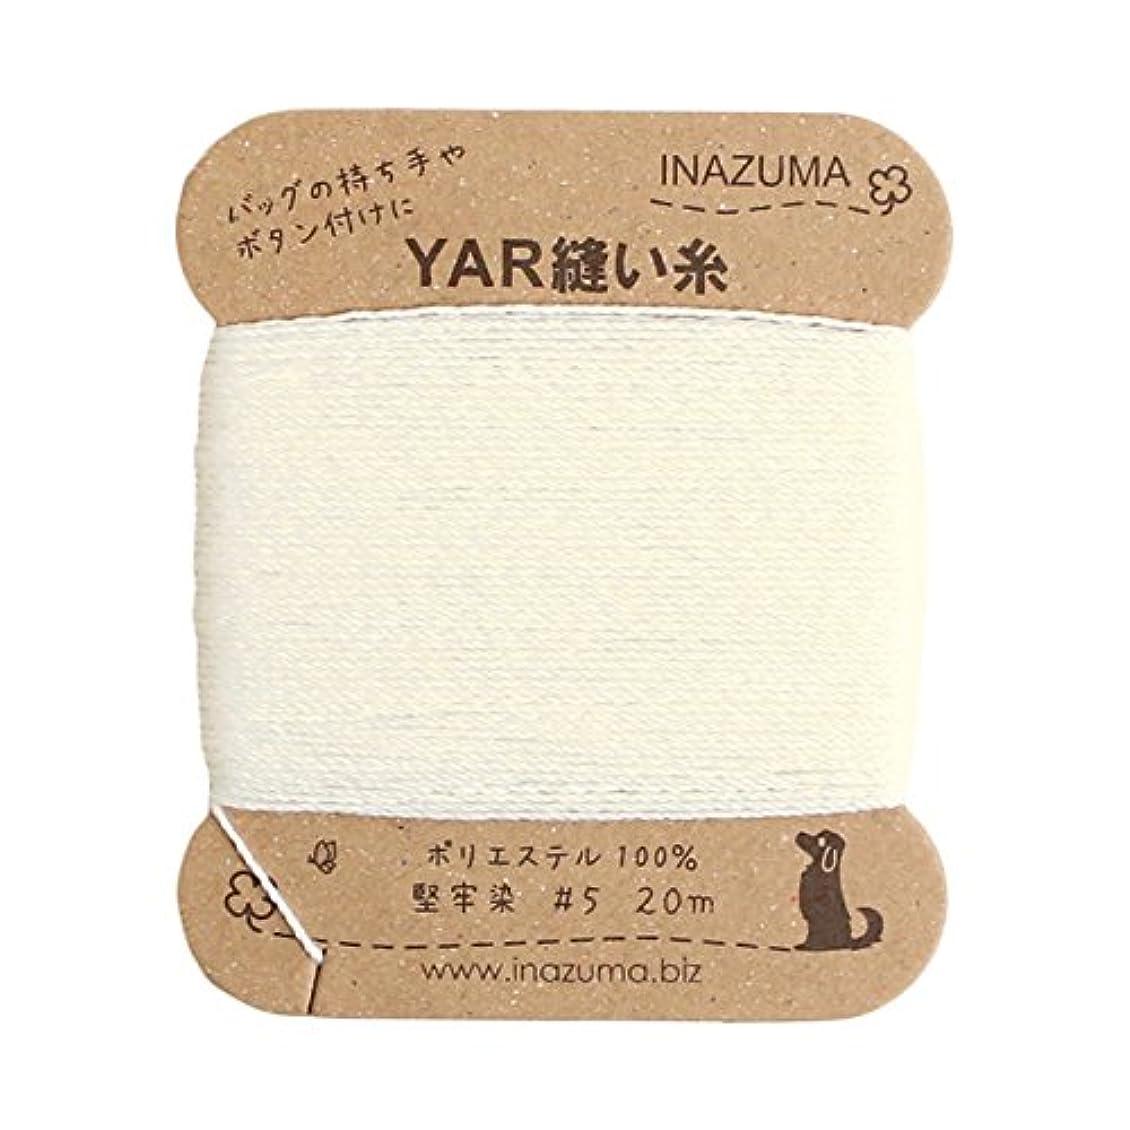 乱す凍った有効化INAZUMA イナズマ YAR縫い糸 5番手 20m巻 #41 紺 YAR5-41